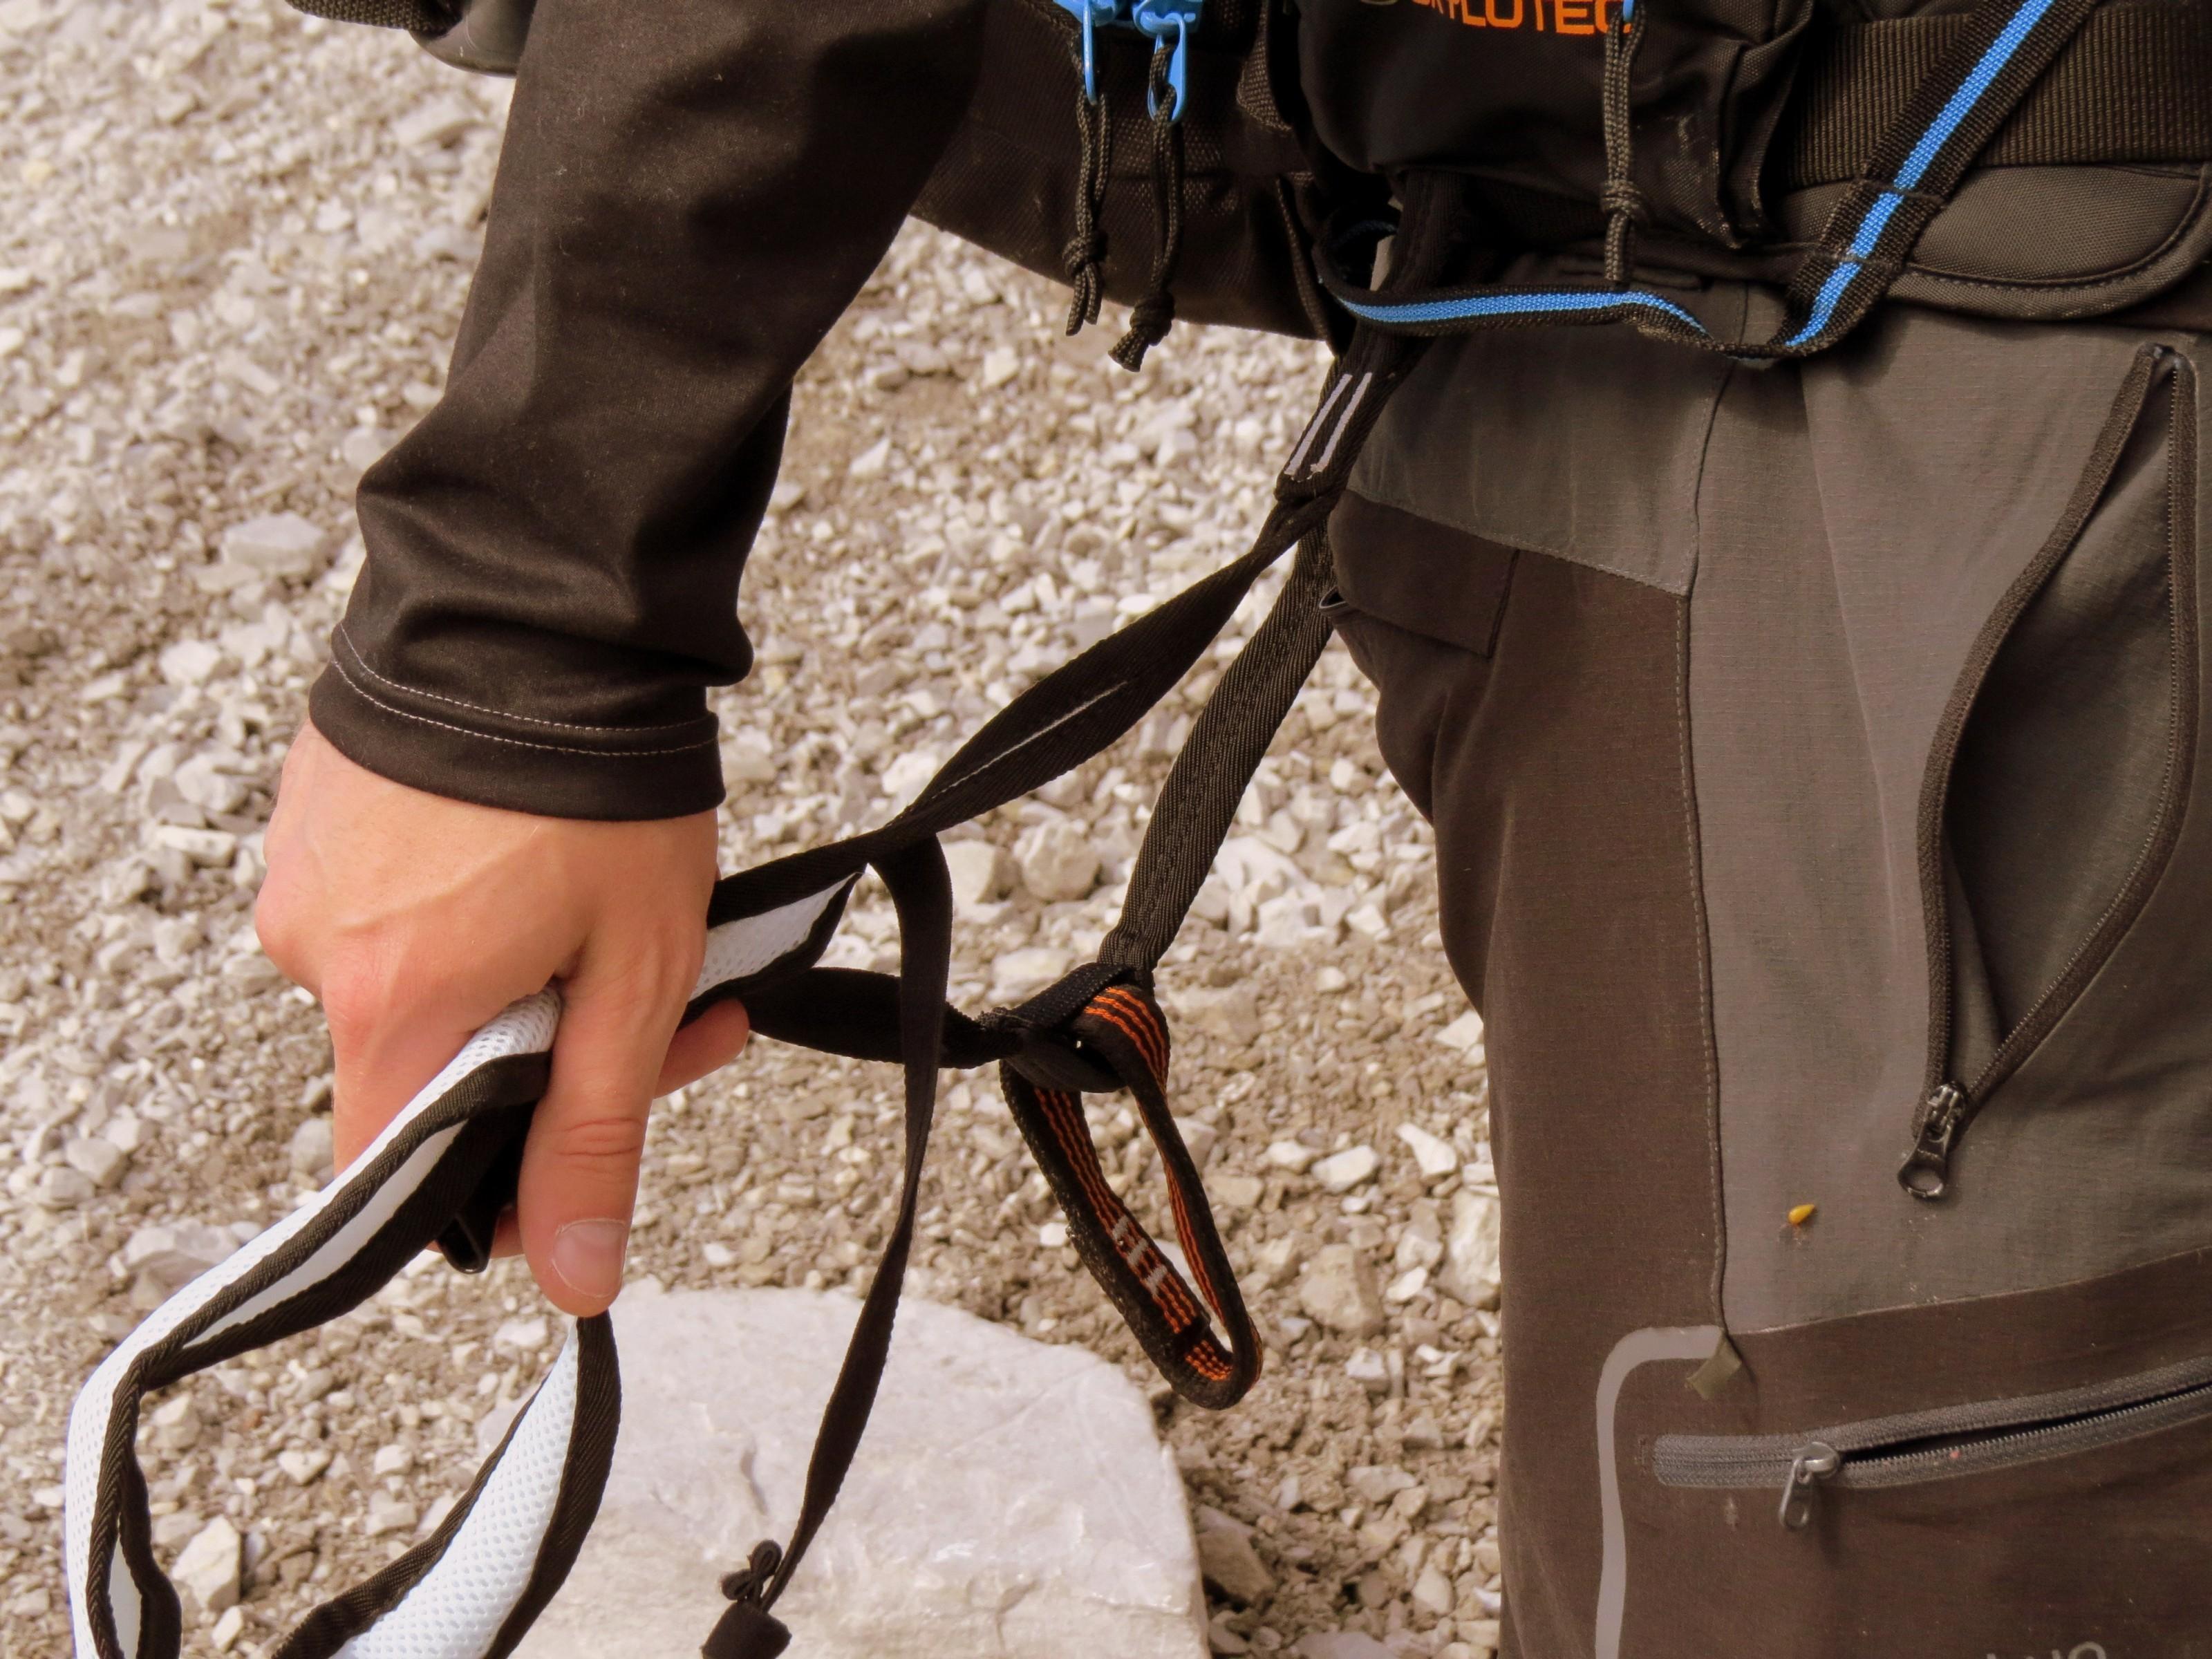 Skylotec Klettergurt Preisvergleich : Rucksack im test der skylotec mit integriertem klettergurt